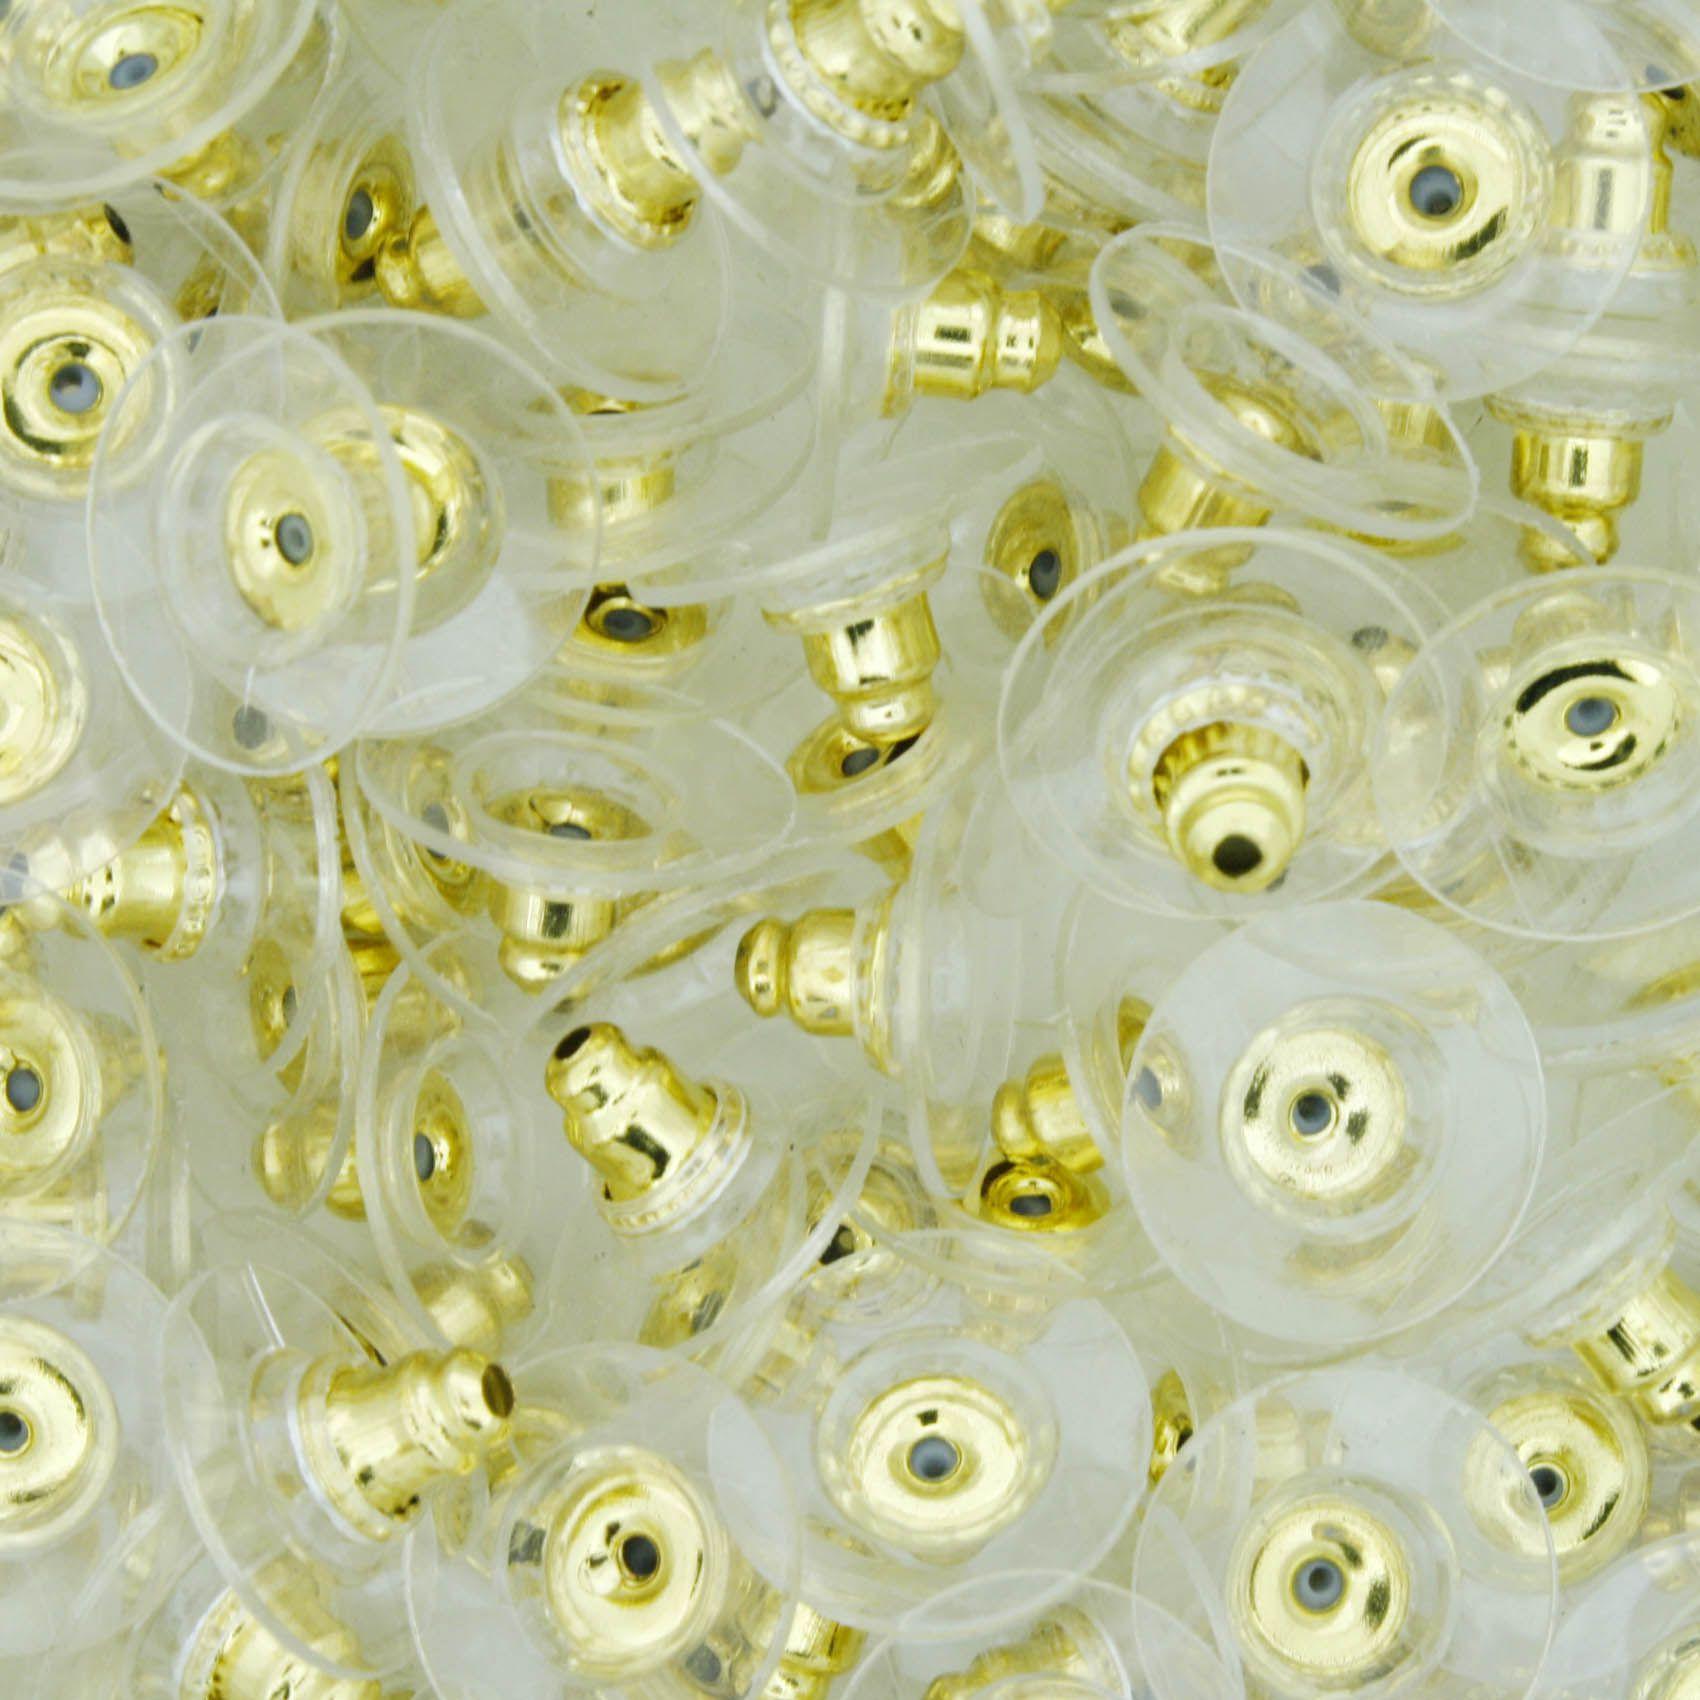 Tarraxa - Soutien de Orelha - Dourada  - Stéphanie Bijoux® - Peças para Bijuterias e Artesanato